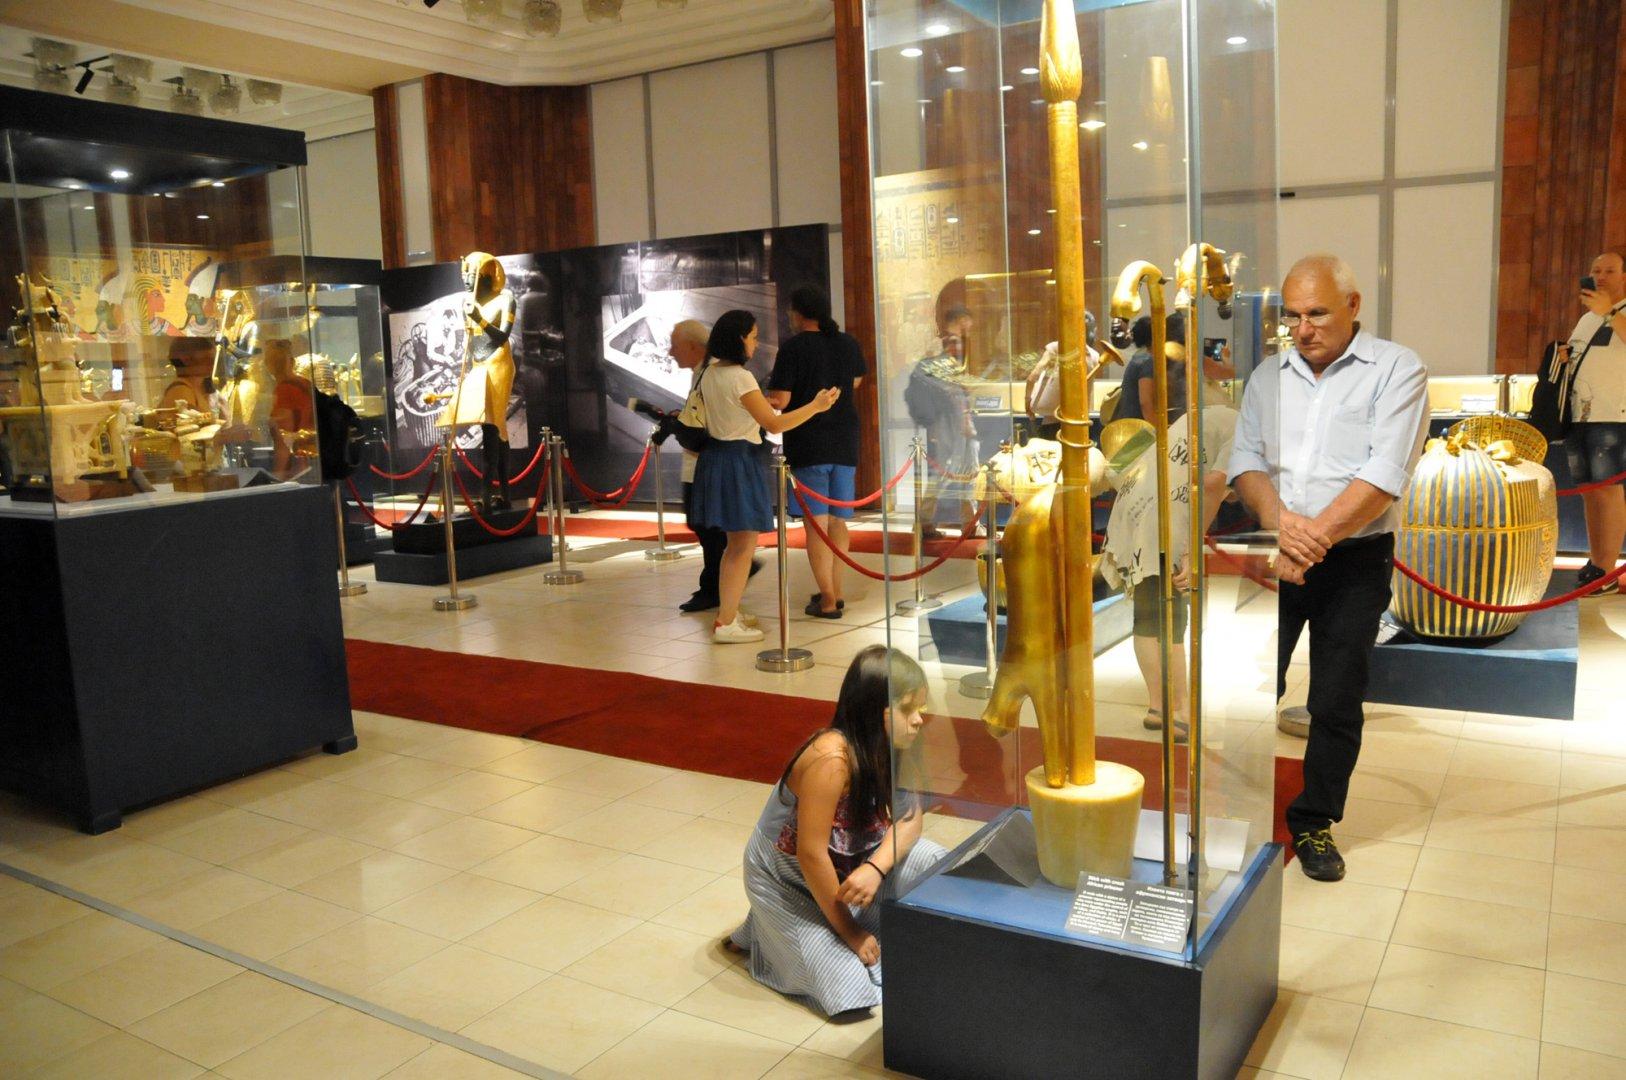 Изложбата Тутанкамон - една недовършена любовна история ще очаква посетители до края на септември в сградата на Държавна опера Бургас. Снимки Лина Главиновао